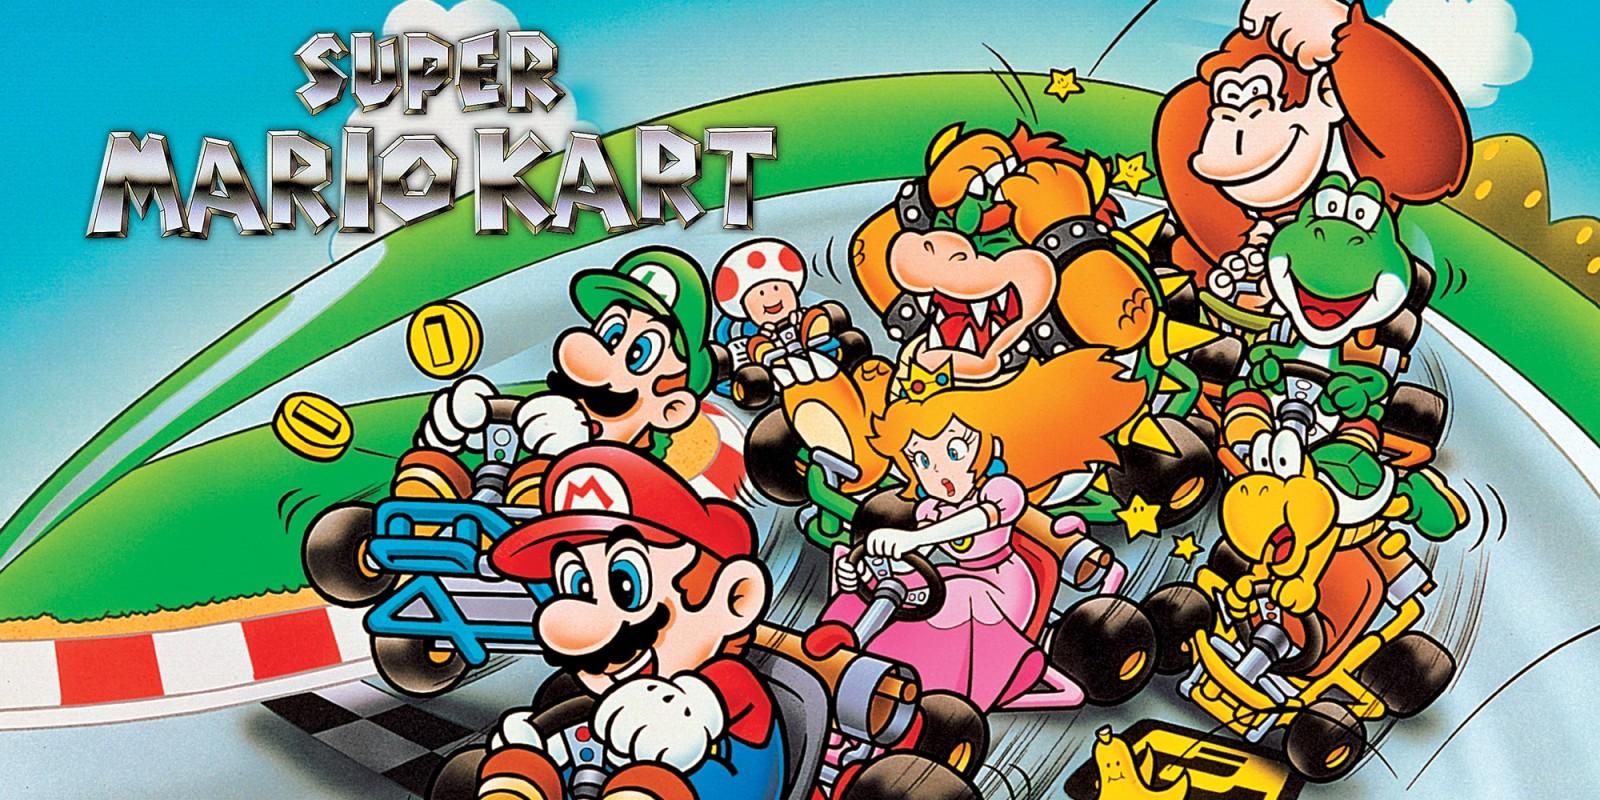 Super Mario Kart e Super Smash Bros. Melee são os finalistas para o World Video Game Hall of Fame 2019